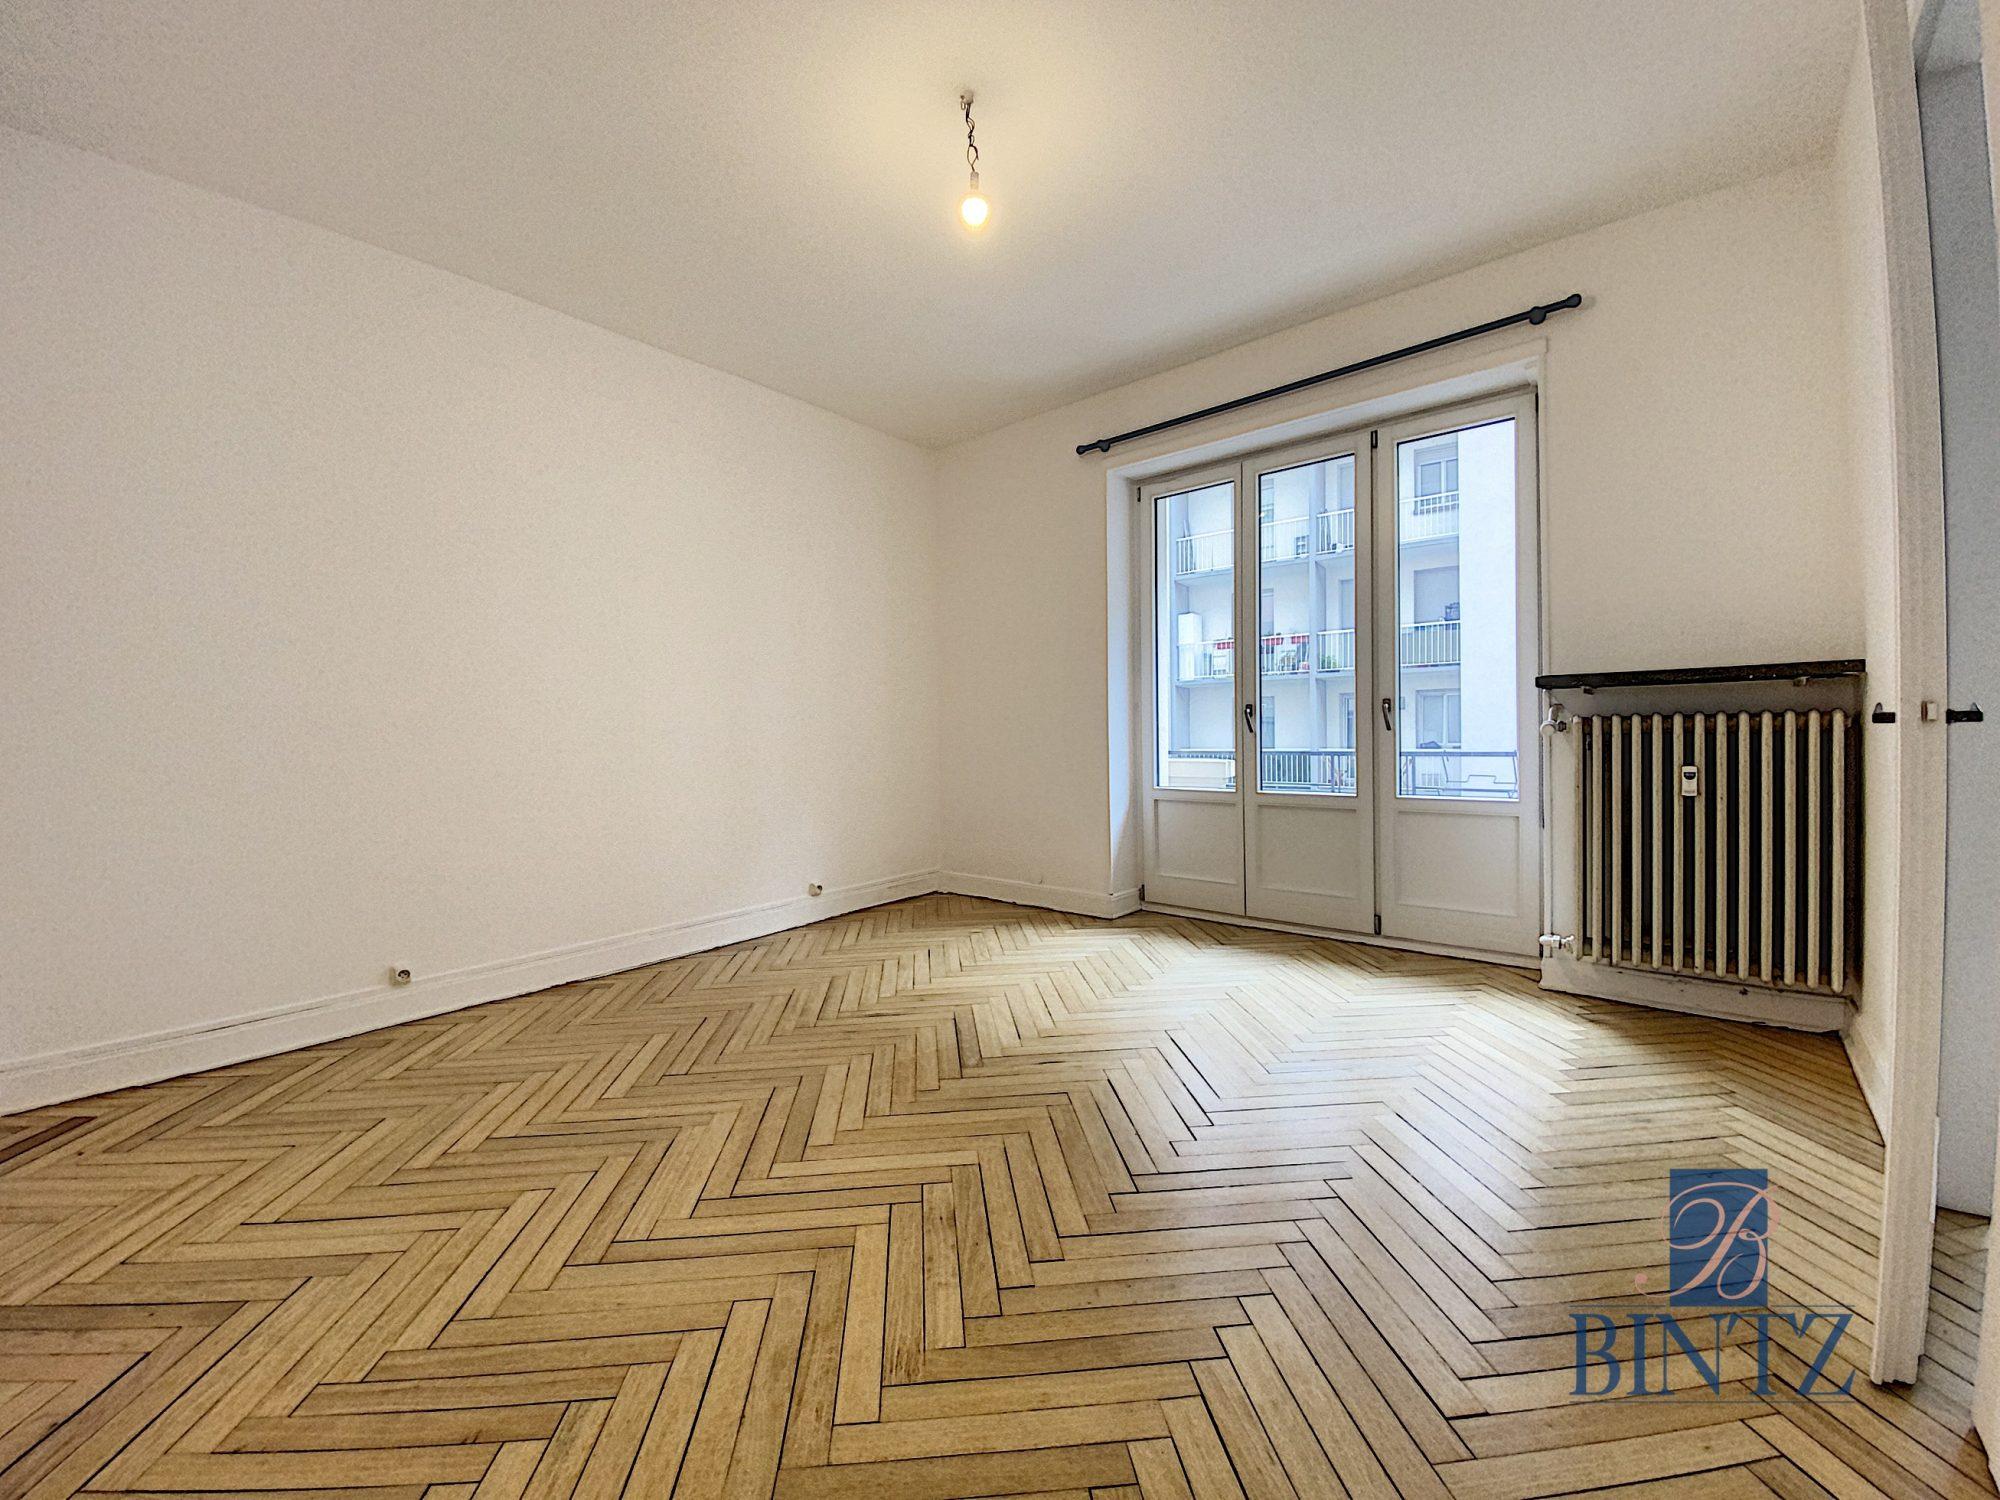 2 PIÈCES KRUTENAU - Devenez locataire en toute sérénité - Bintz Immobilier - 2